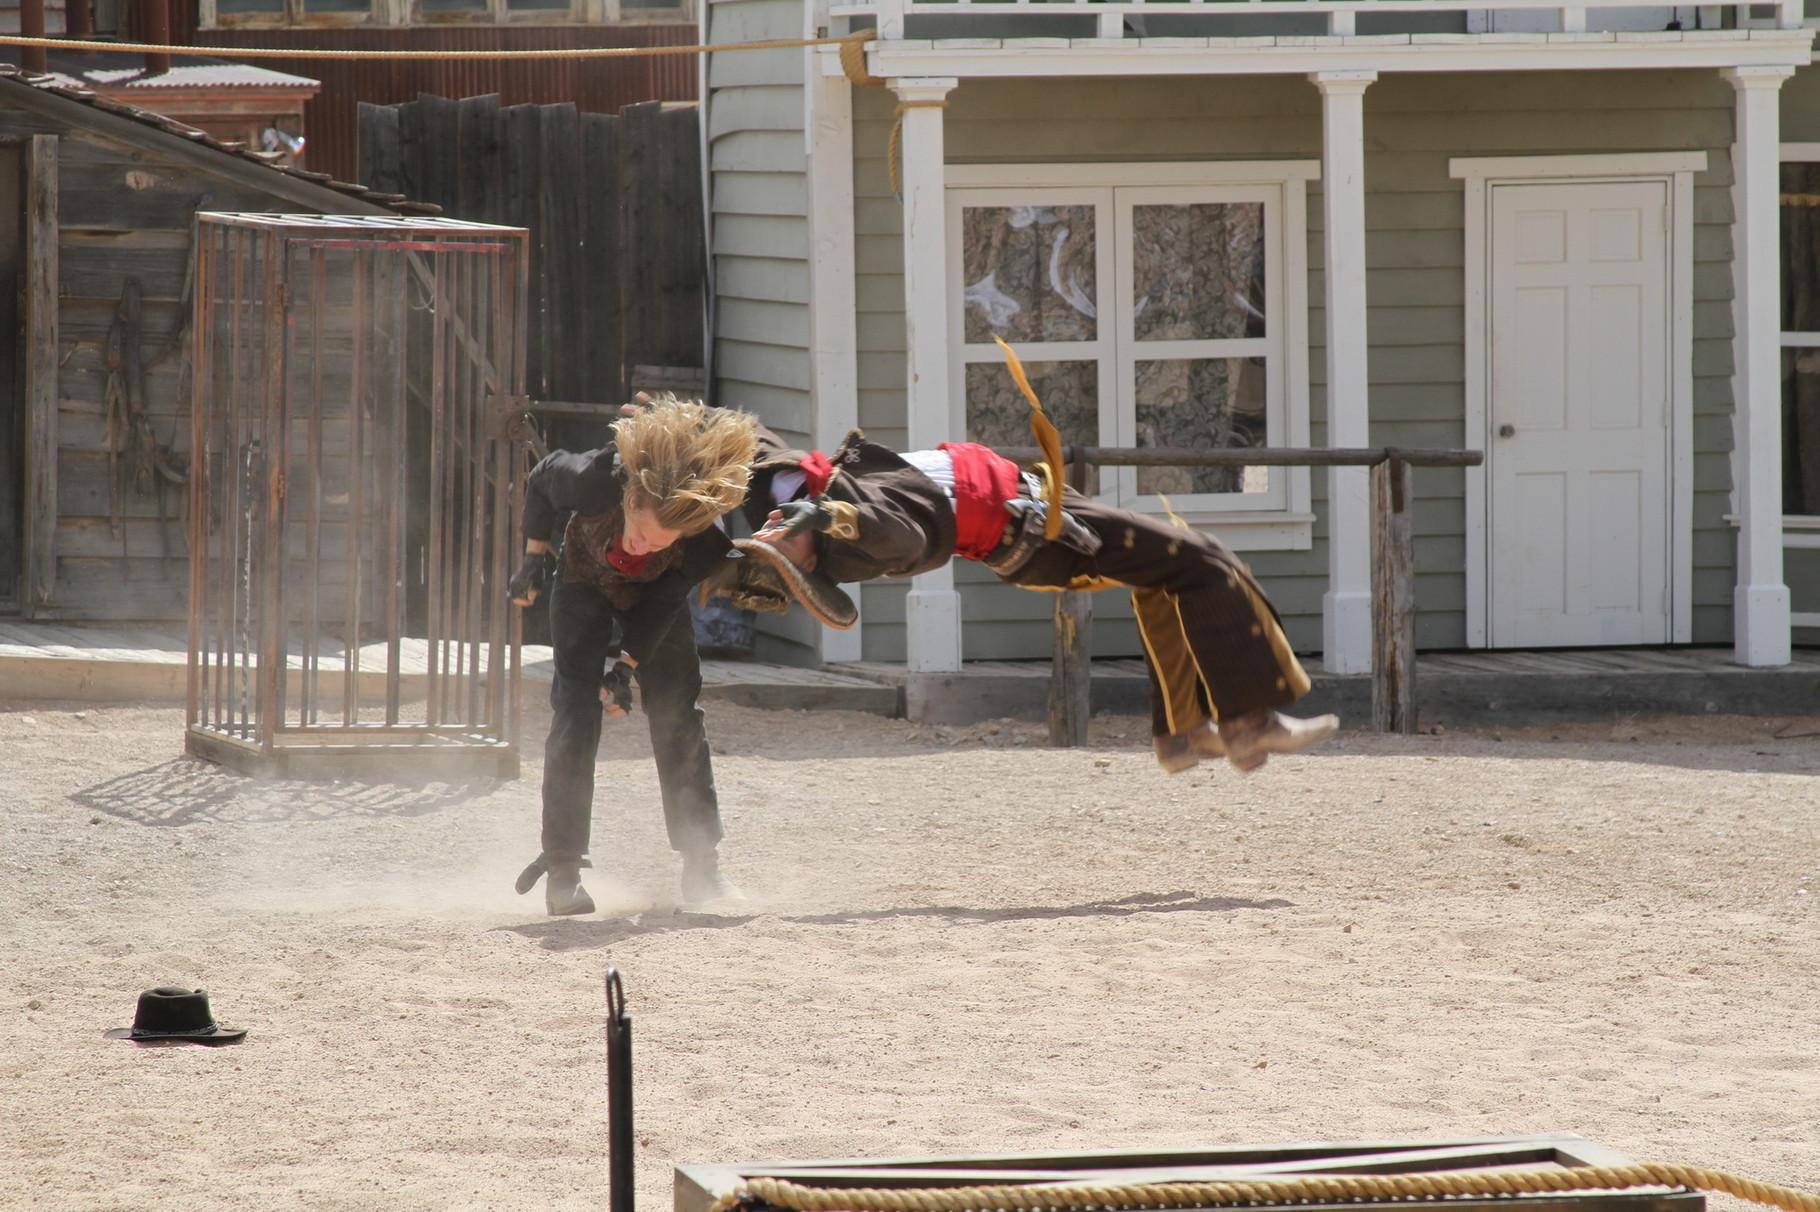 Toller Stunt ....